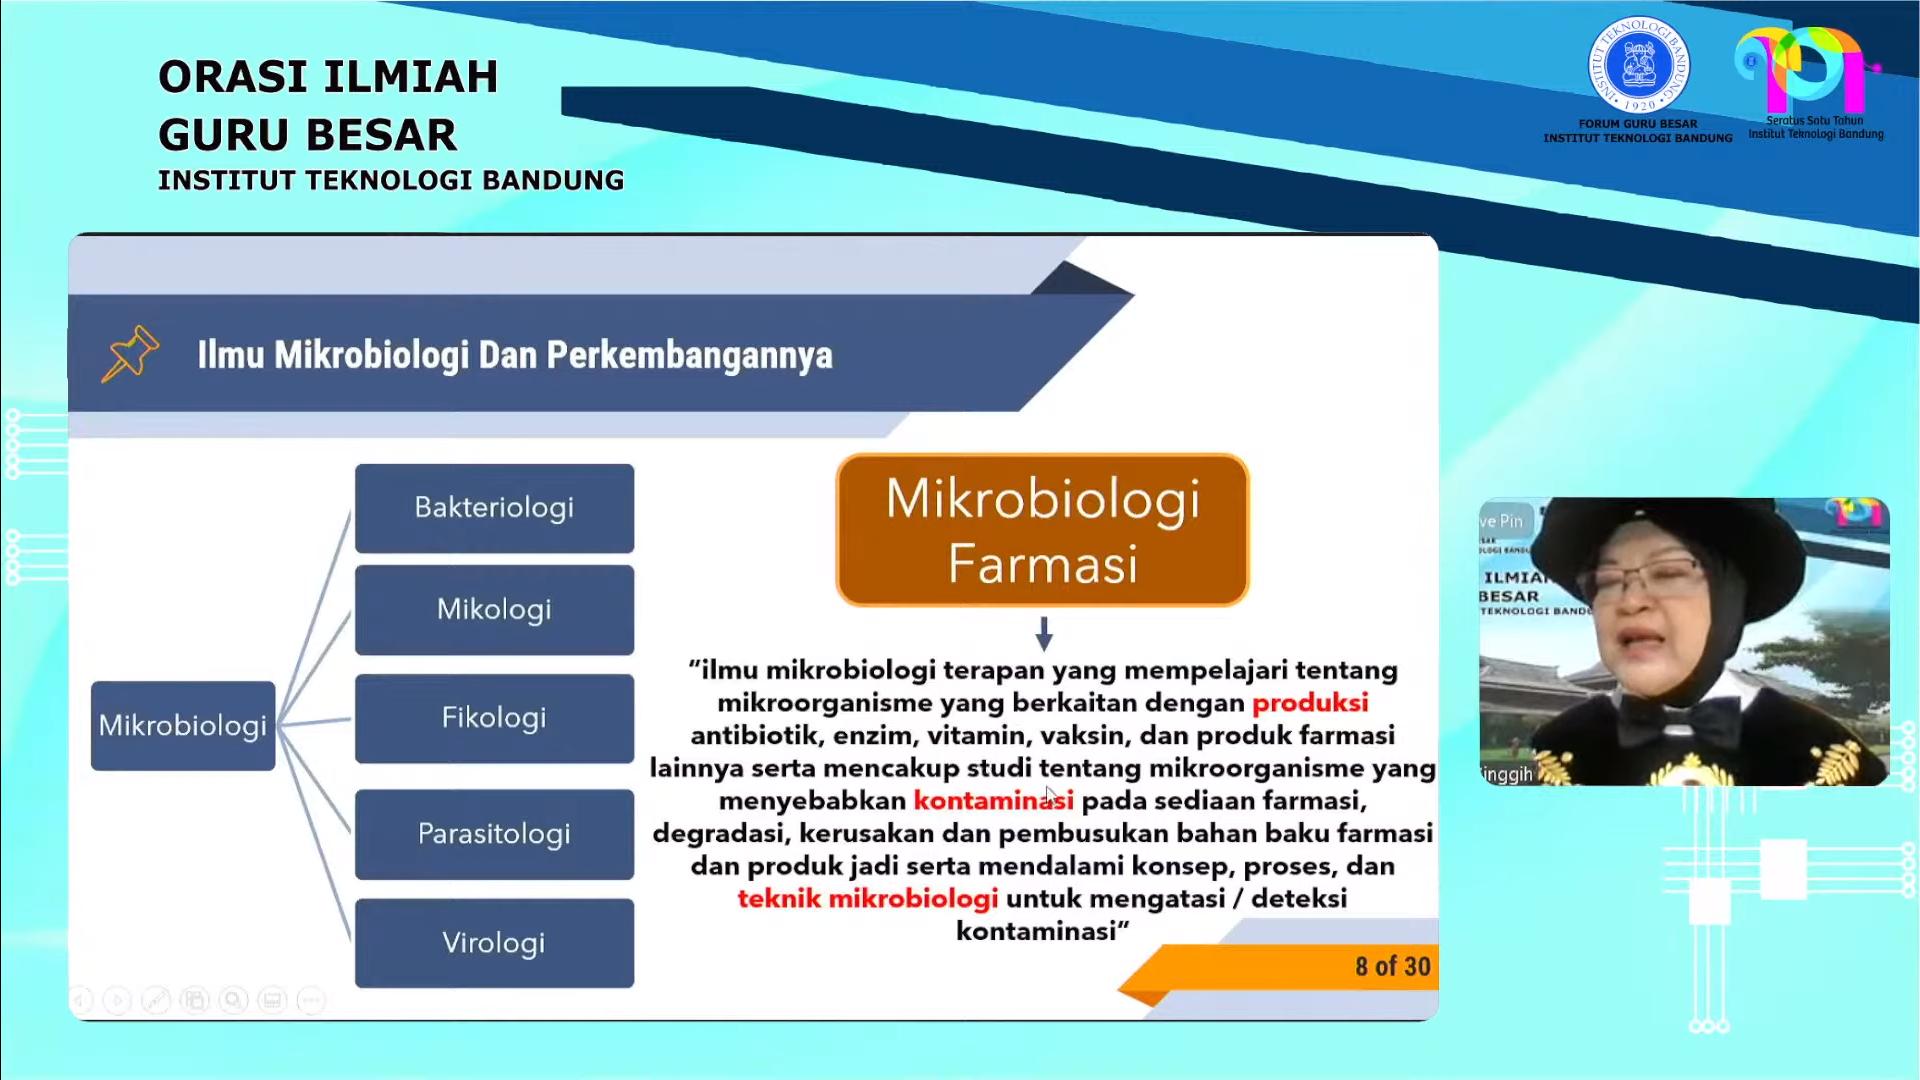 orasi-ilmiah-prof-marlia-singgih-ungkap-peran-mikrobiologi-farmasi-terhadap-produk-farmasi-di-indonesia